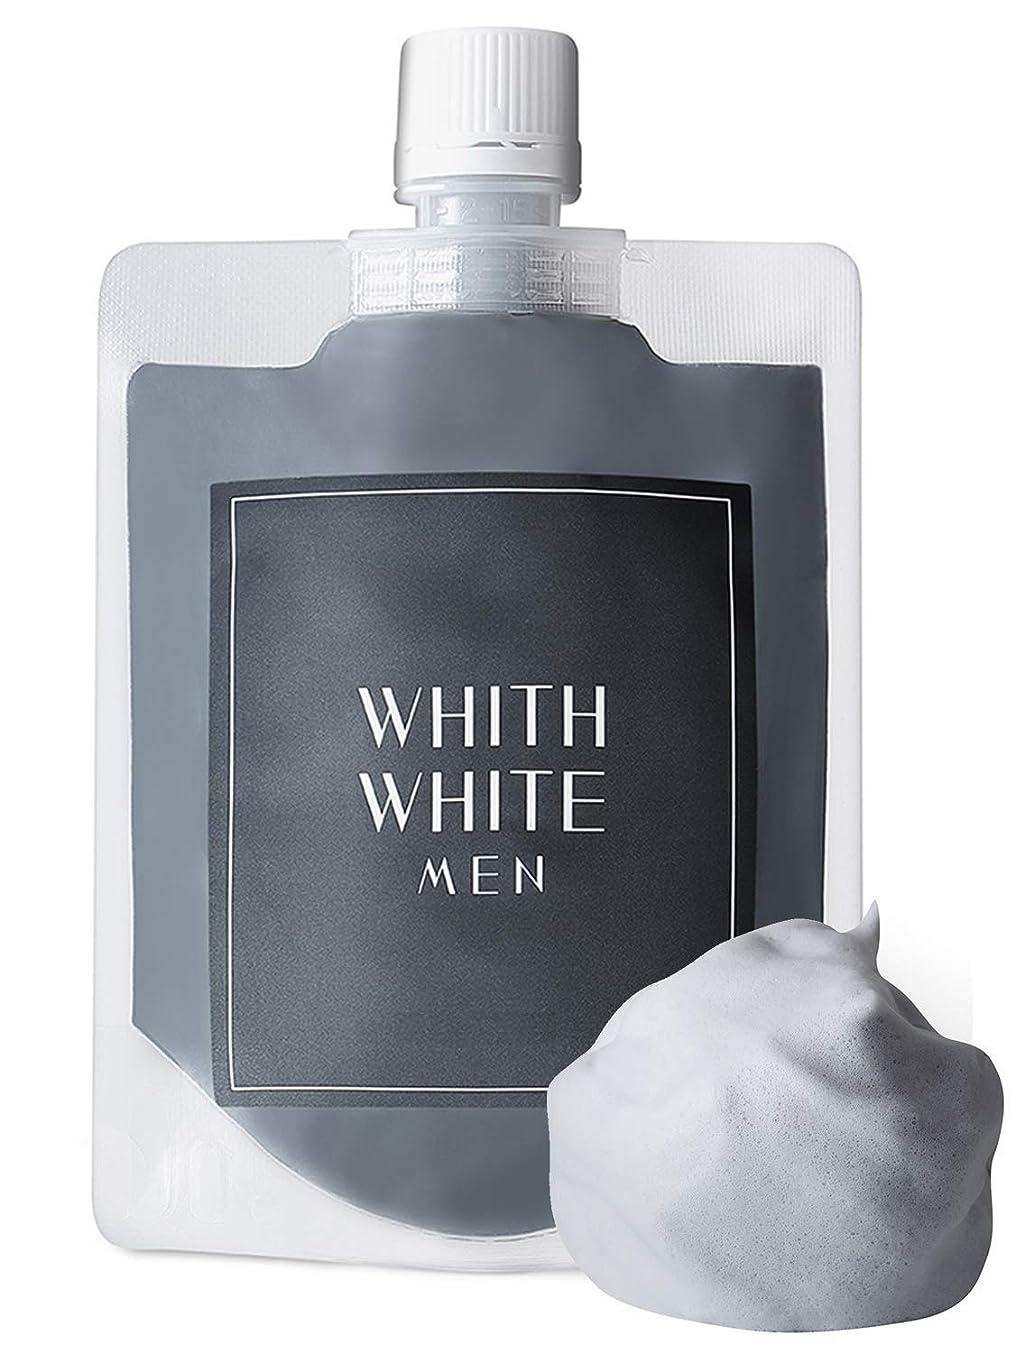 正しく好意的促すフィス ホワイト メンズ 泥 洗顔 ネット 付き 8つの 無添加 洗顔フォーム (炭 泡 クレイ で 顔 汚れ を 落とす) (日本製 洗顔料 130g リッチ セット)(どろ で 毛穴 を ごっそり 除去)